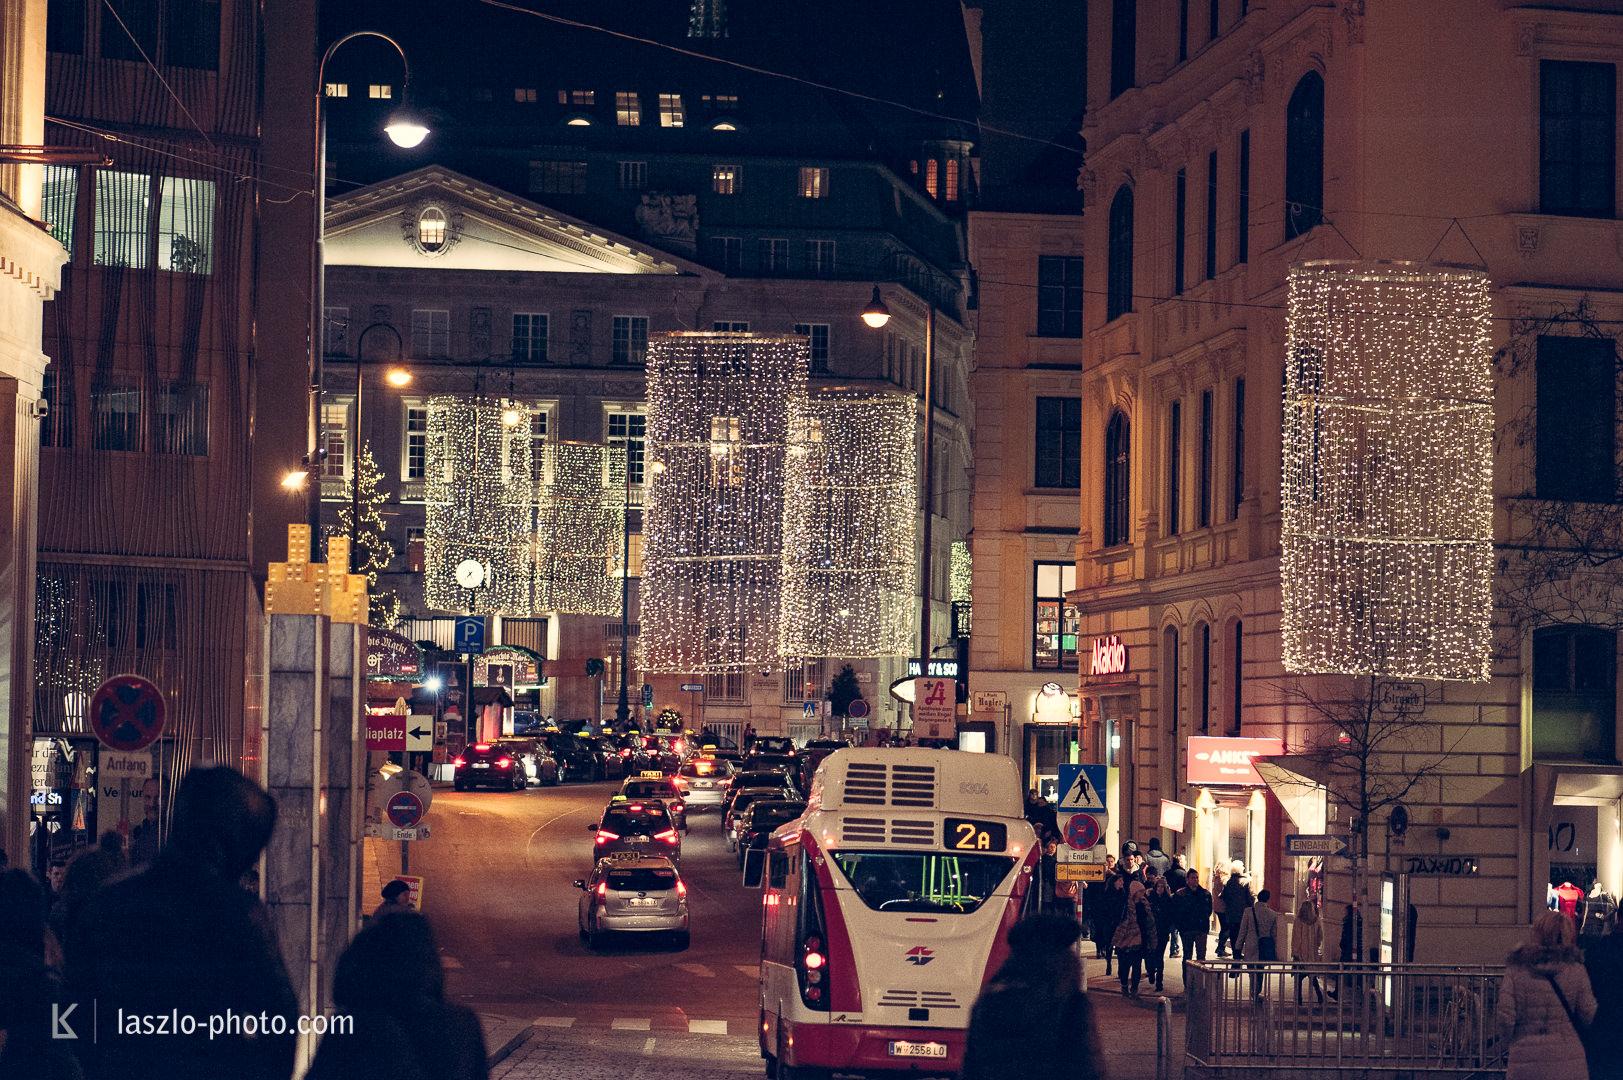 20161209_Weihnachten_Christkindlmarkt-4860